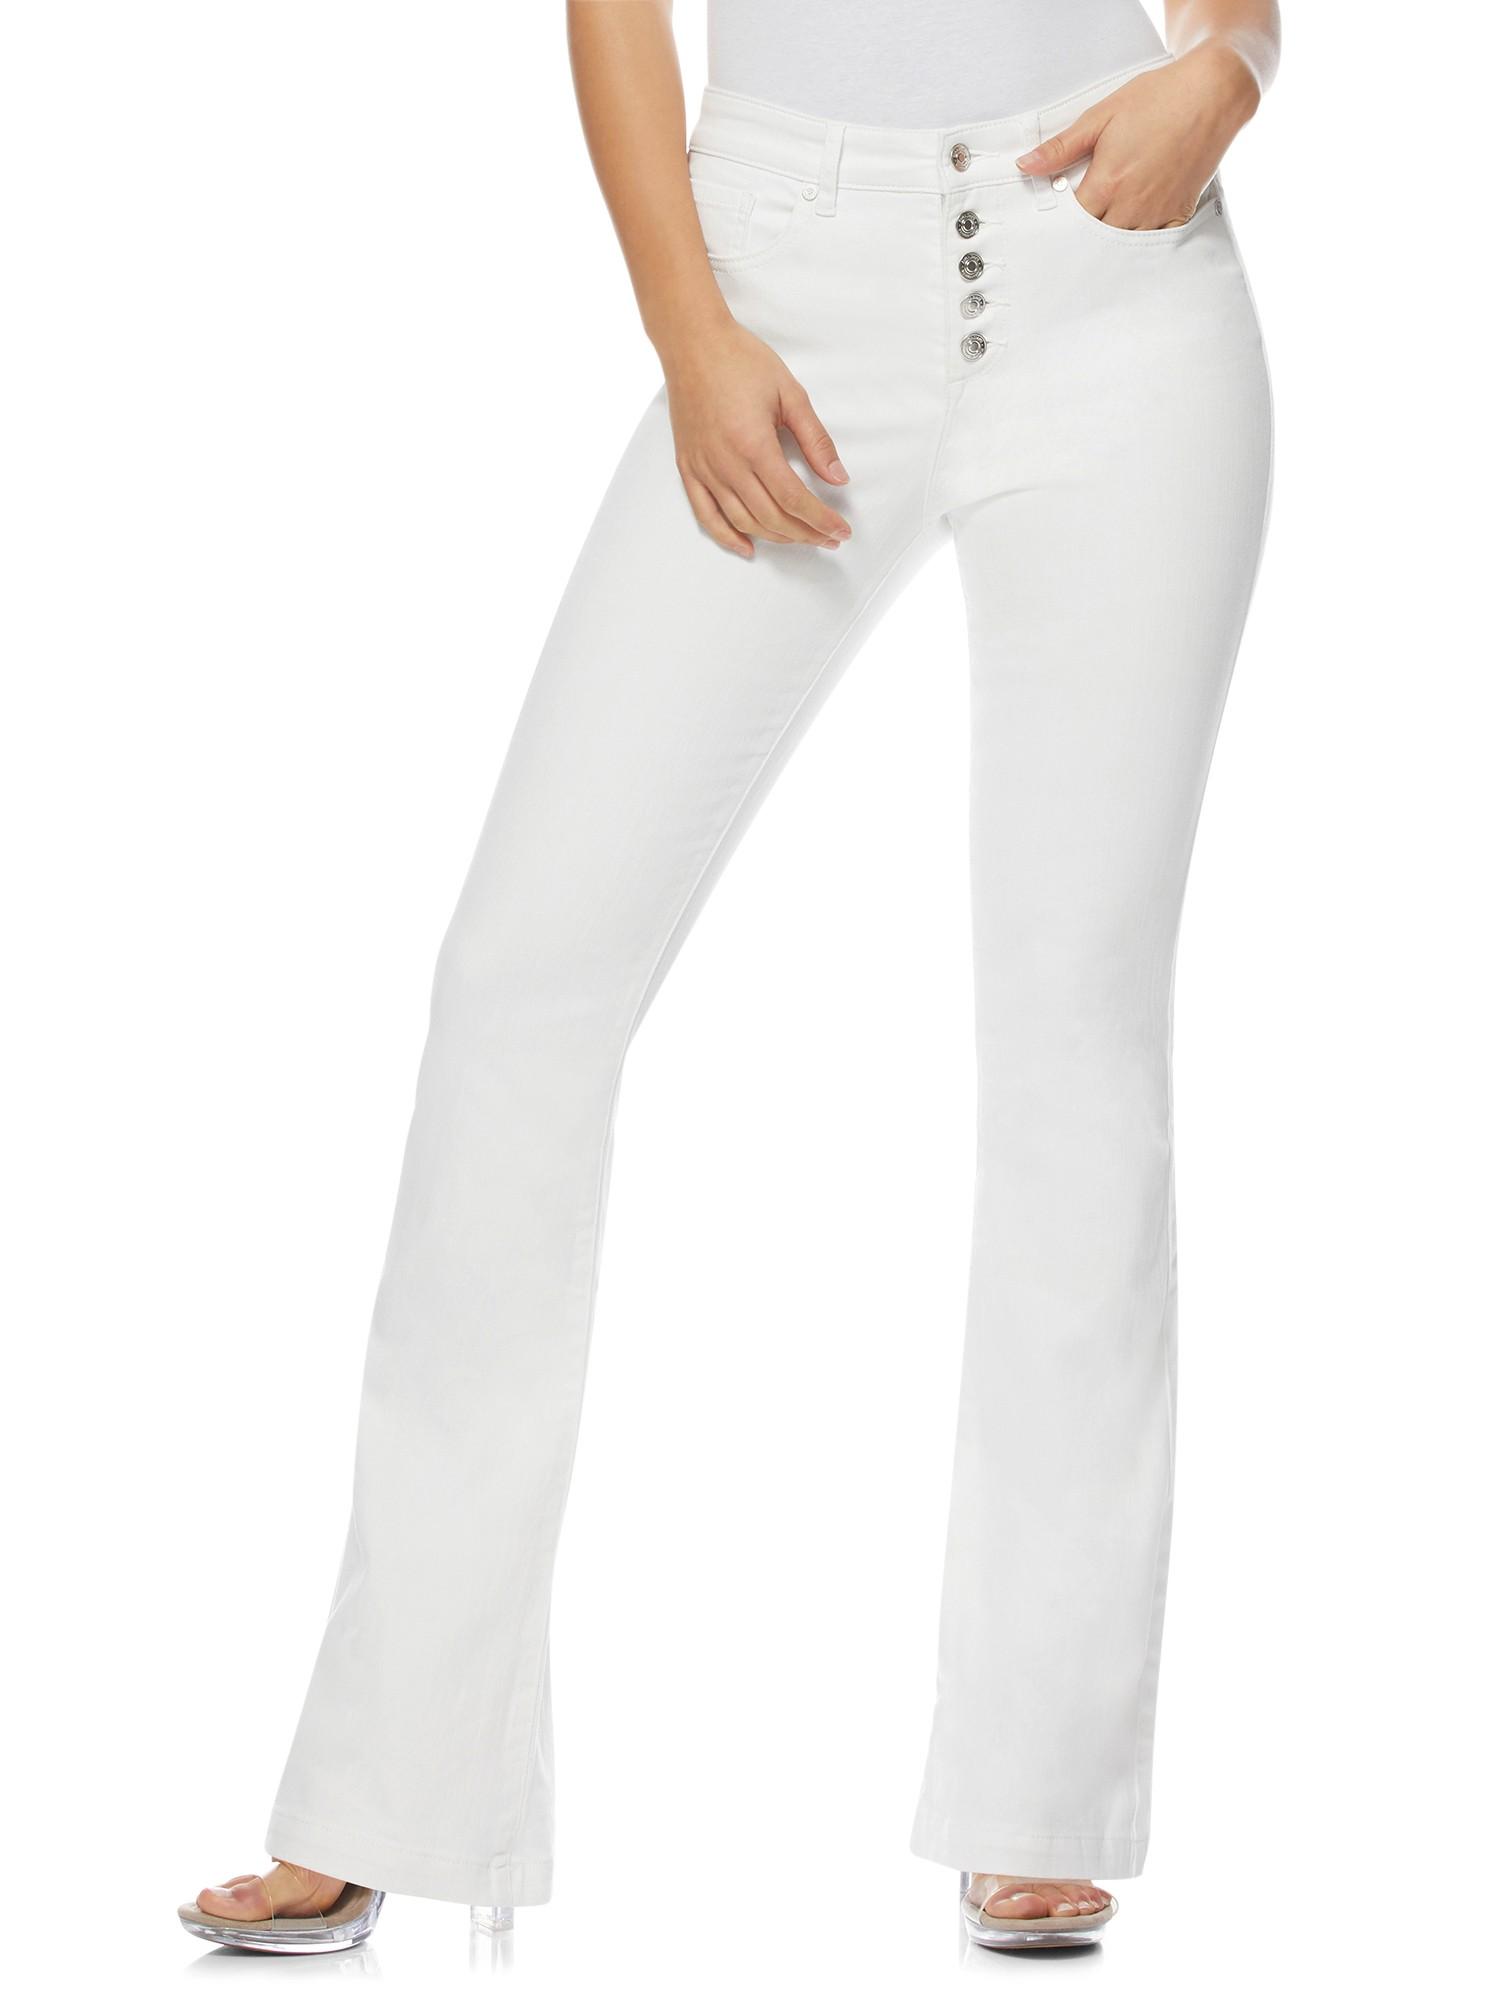 Sofia Jeans von Sofia Vergara Melisa Flare Jeans mit hoher Taille